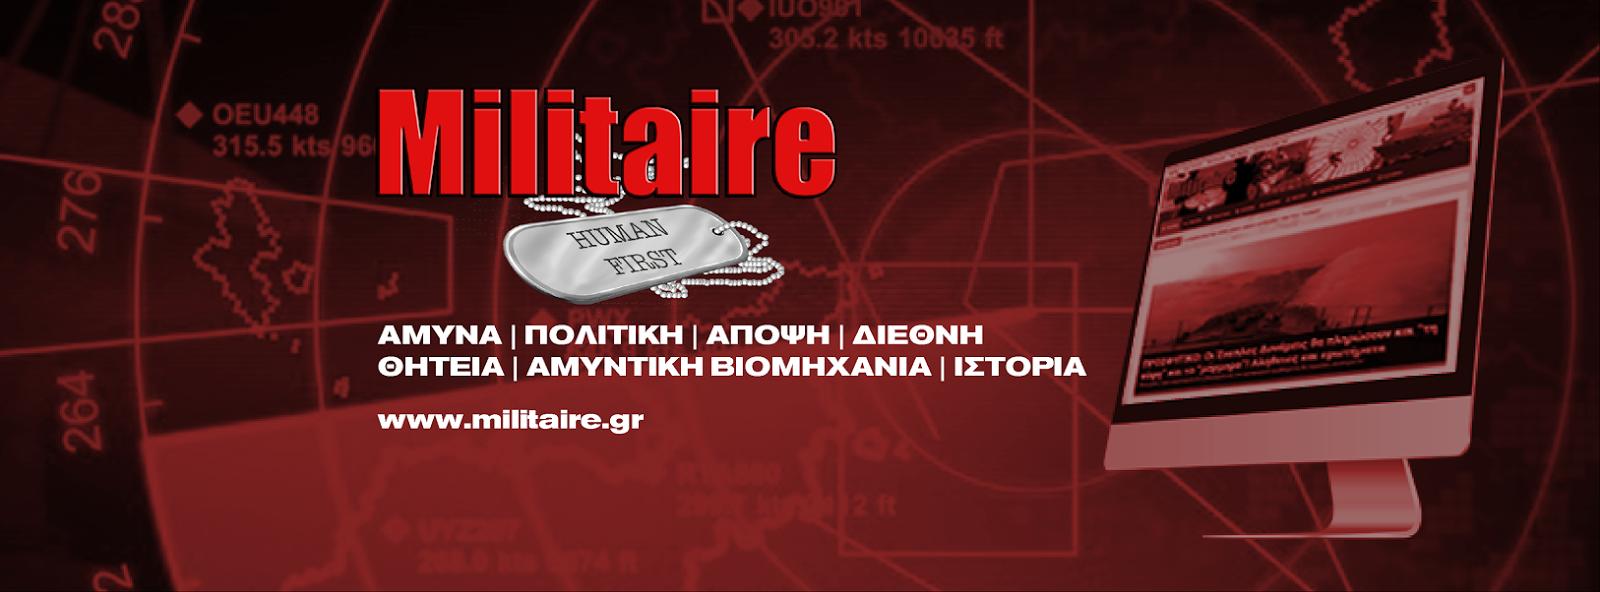 Militaire.gr